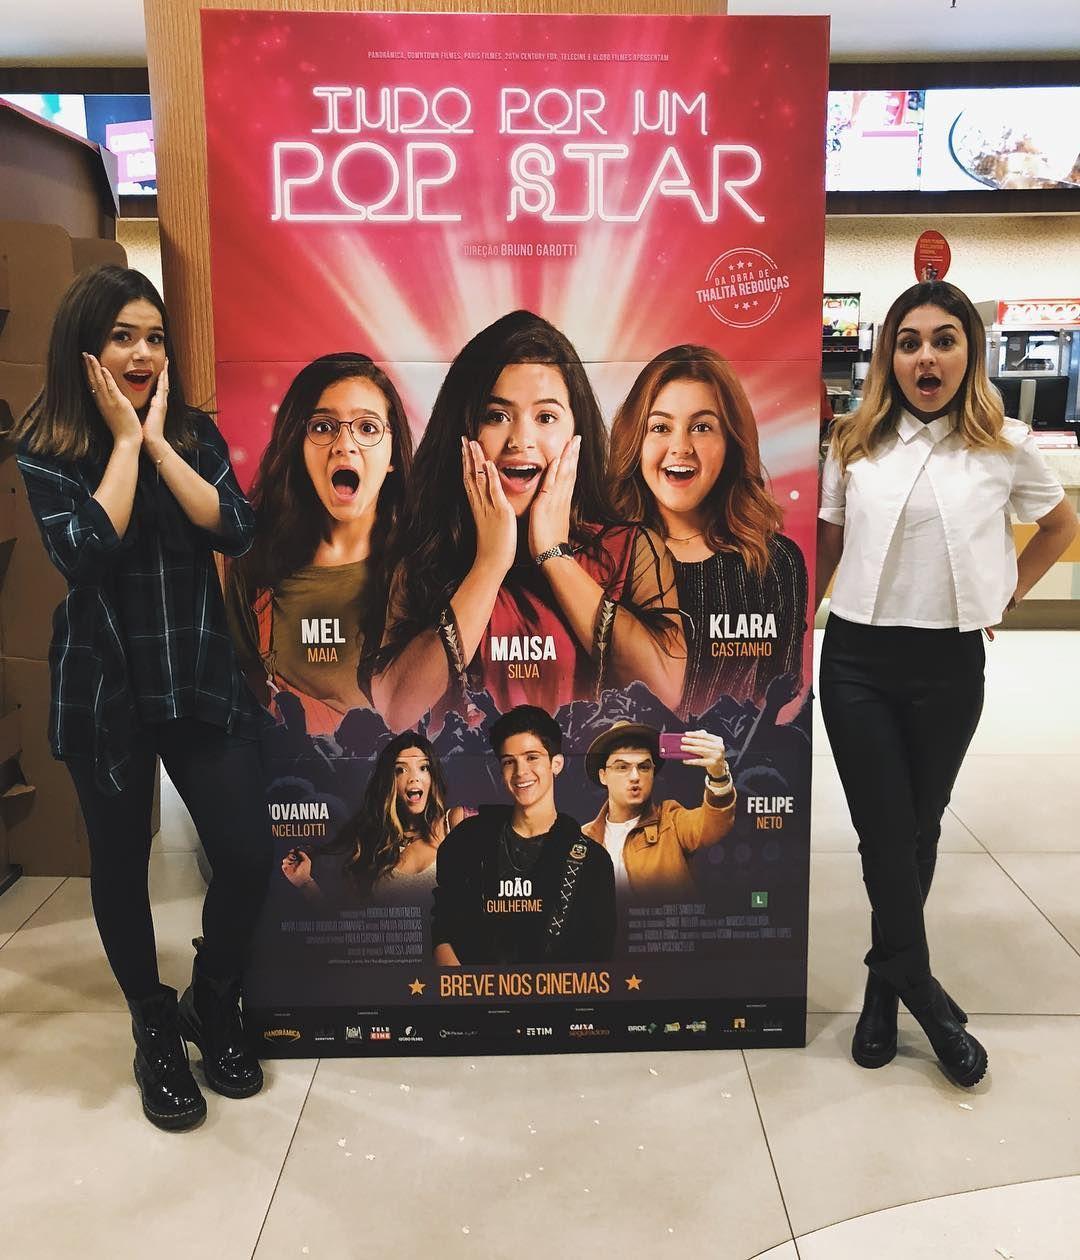 """, +A on Instagram: """"ta chegando o tão esperado diaaaa!!! dia 11 de outubro não se esqueçam de ir ao cinema pra ver #tudoporumpopstar da @thalitareboucas ❤️"""", My Pop Star Kda Blog, My Pop Star Kda Blog"""